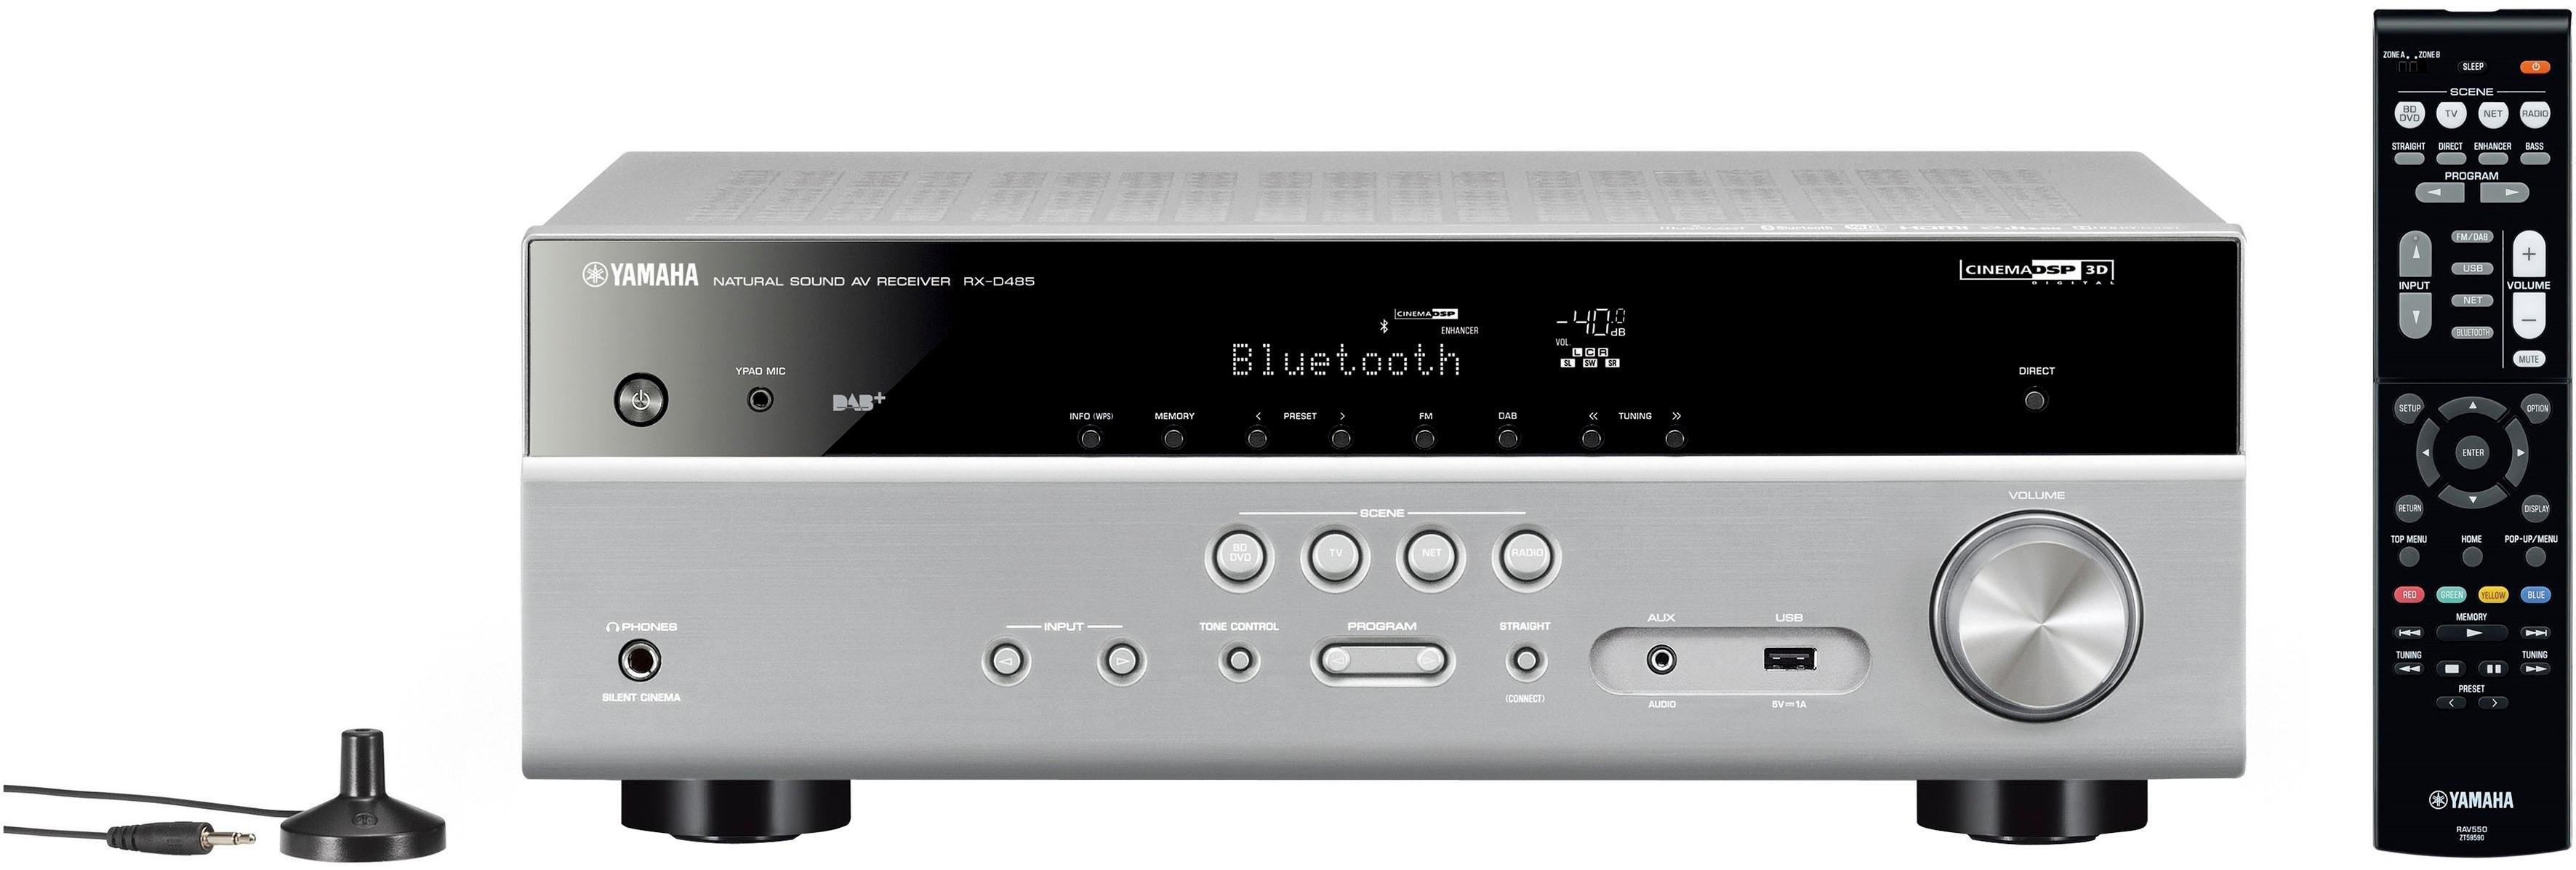 Yamaha »RX-D485« 5.1 AV-receiver (Bluetooth, wifi, LAN (ethernet), 4K-upscalingtechniek) - verschillende betaalmethodes